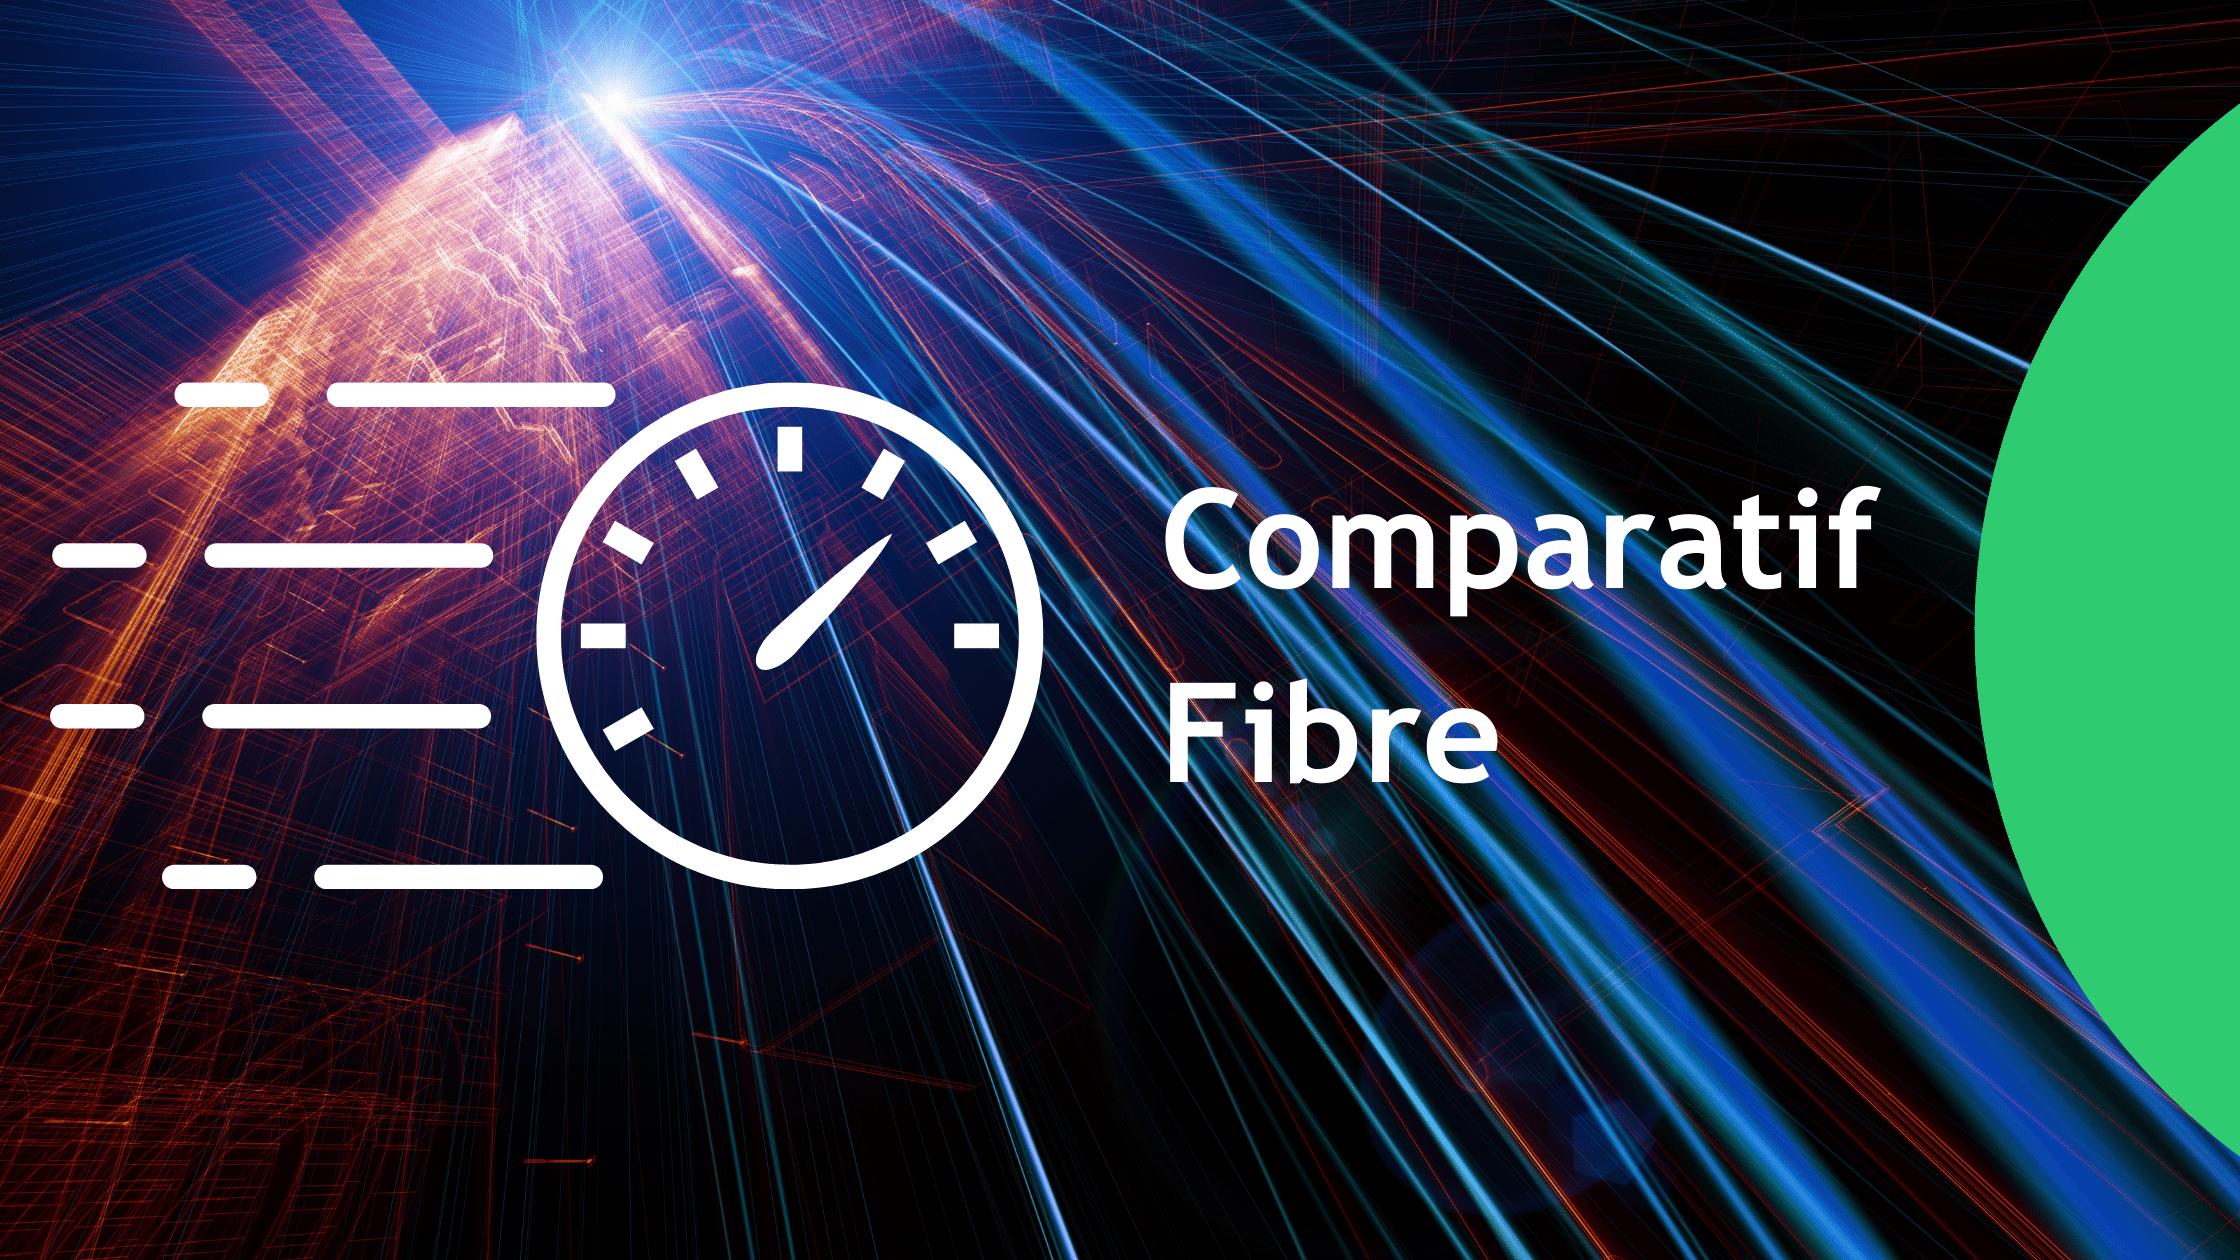 comparatif fibre